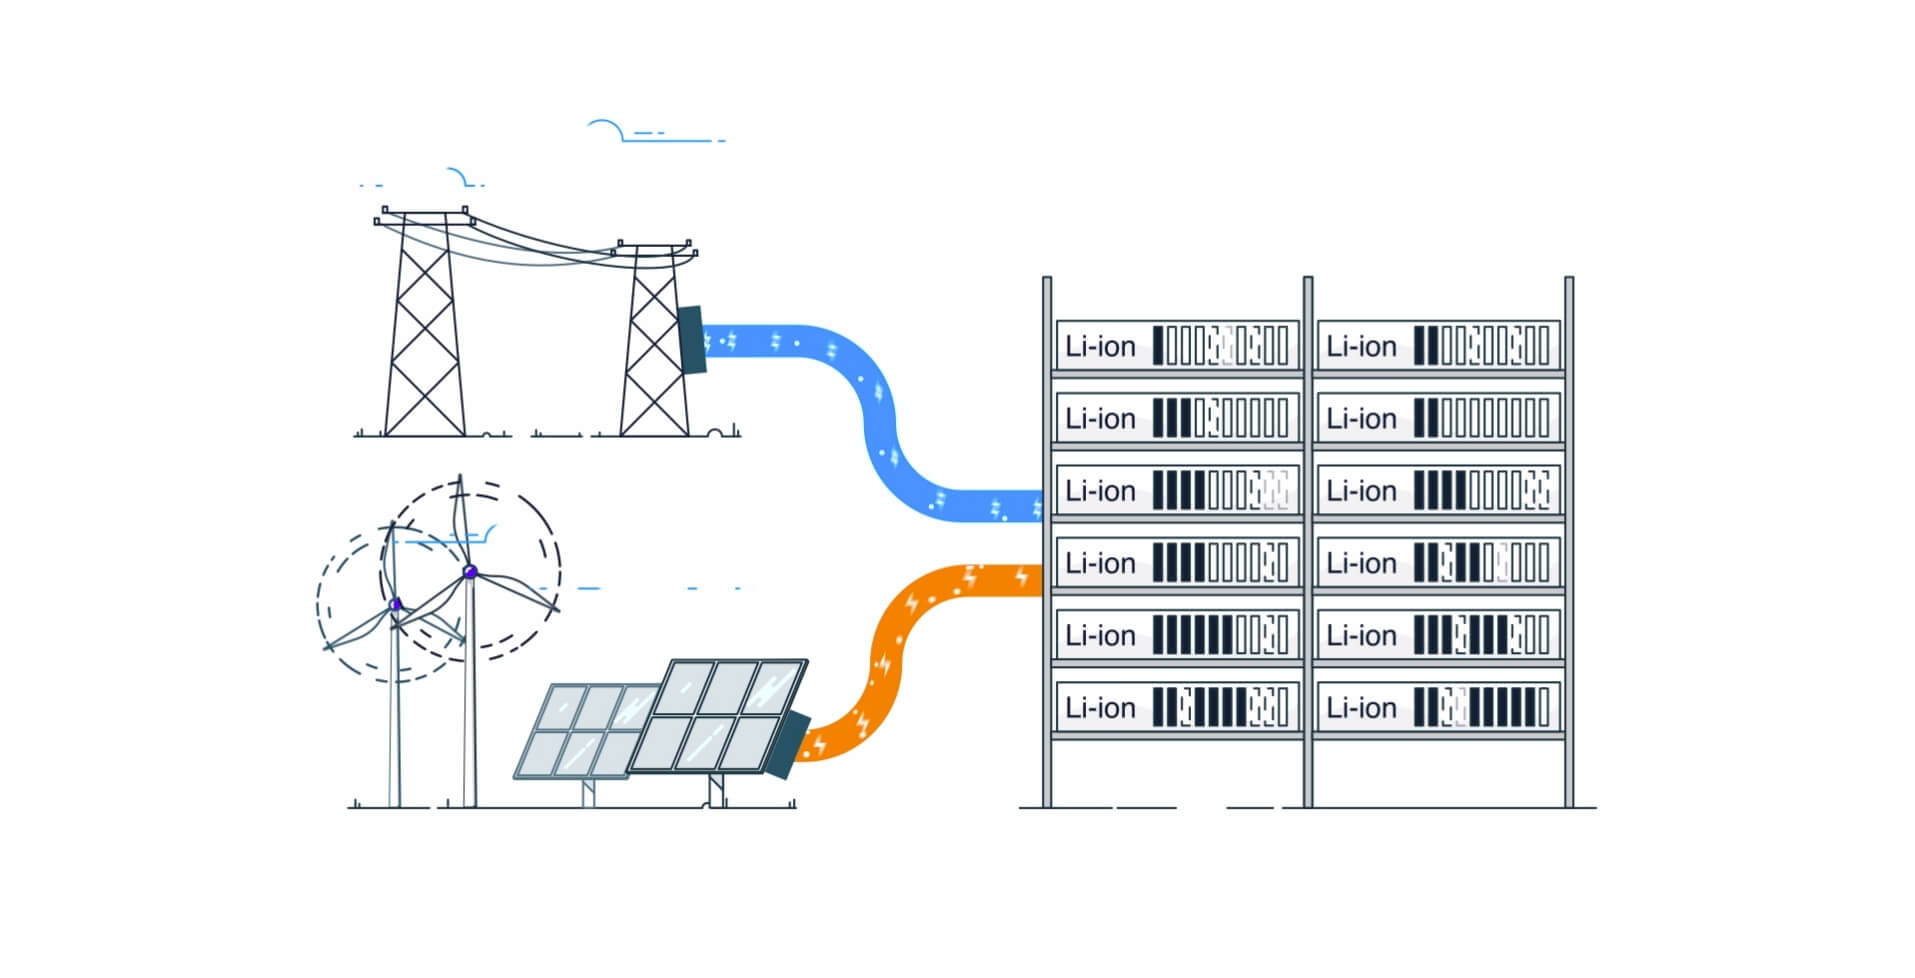 Аккумуляторы электромобилей имеют огромный потенциал для повторного использования в стационарных системах хранения энергии